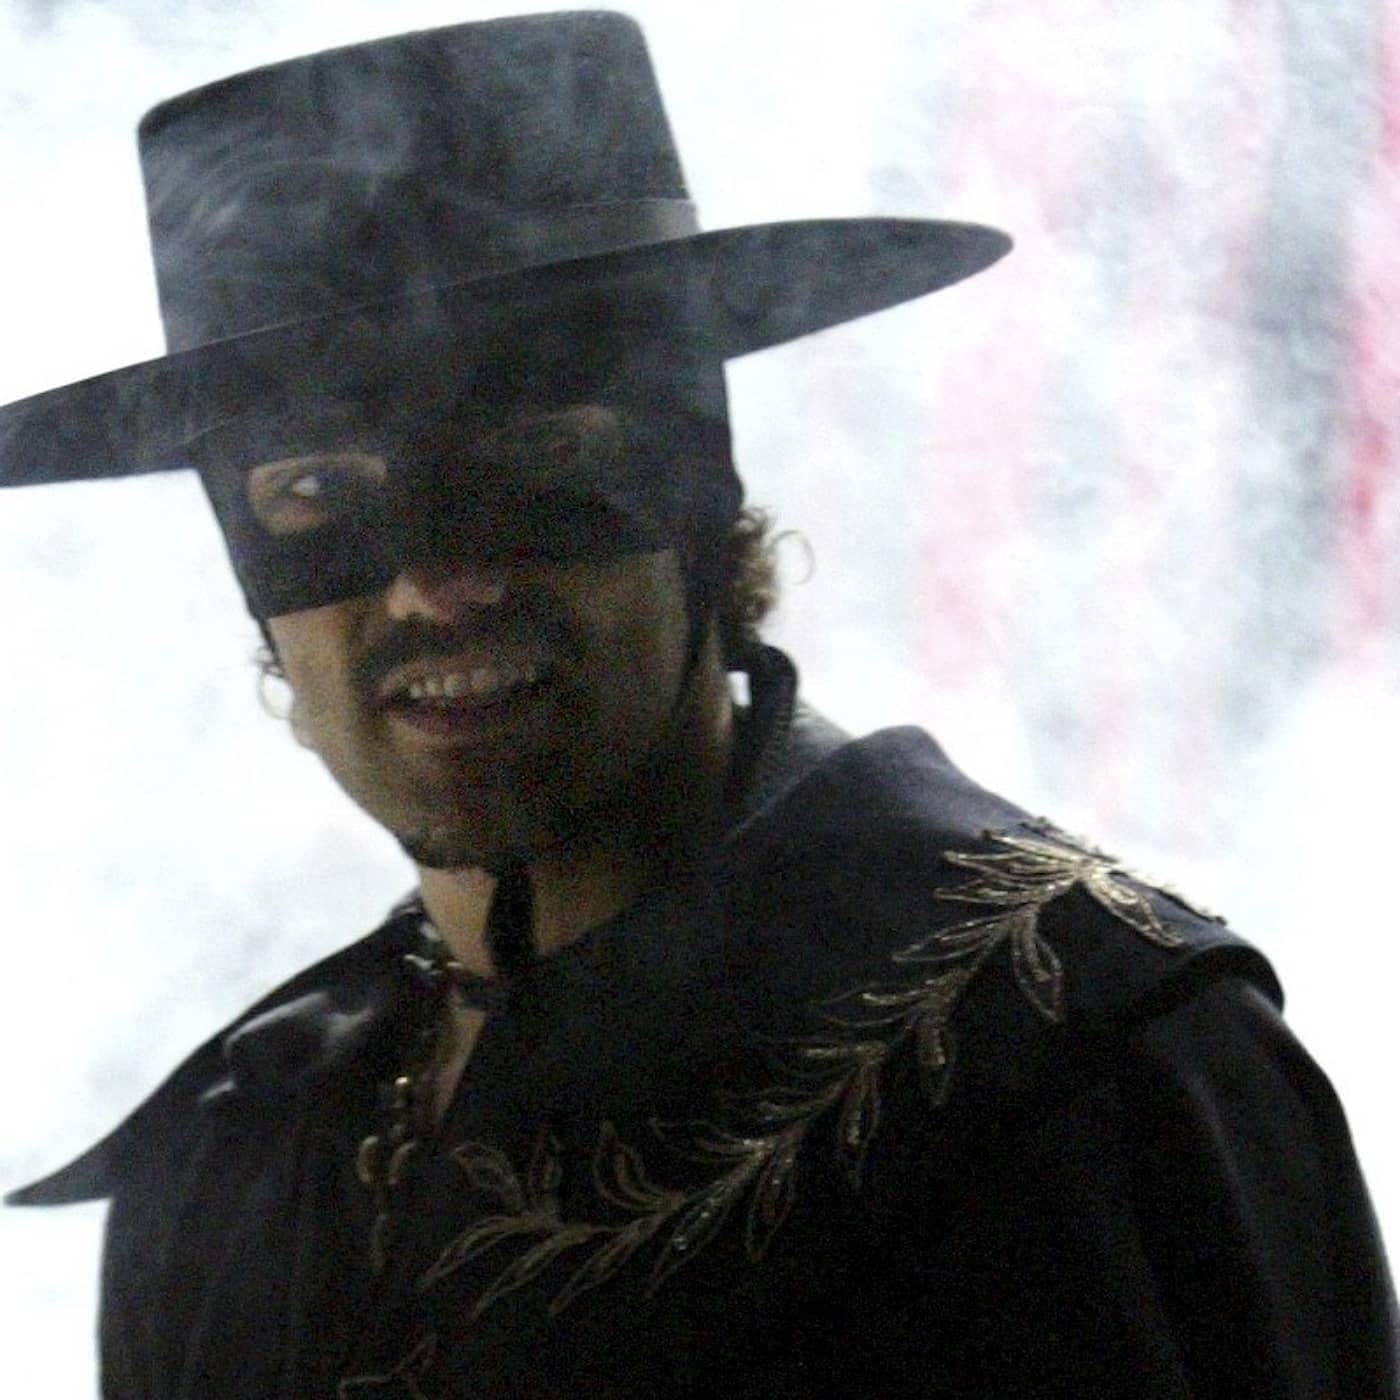 Har Zorro, Haddock och Ben Hur funnits?